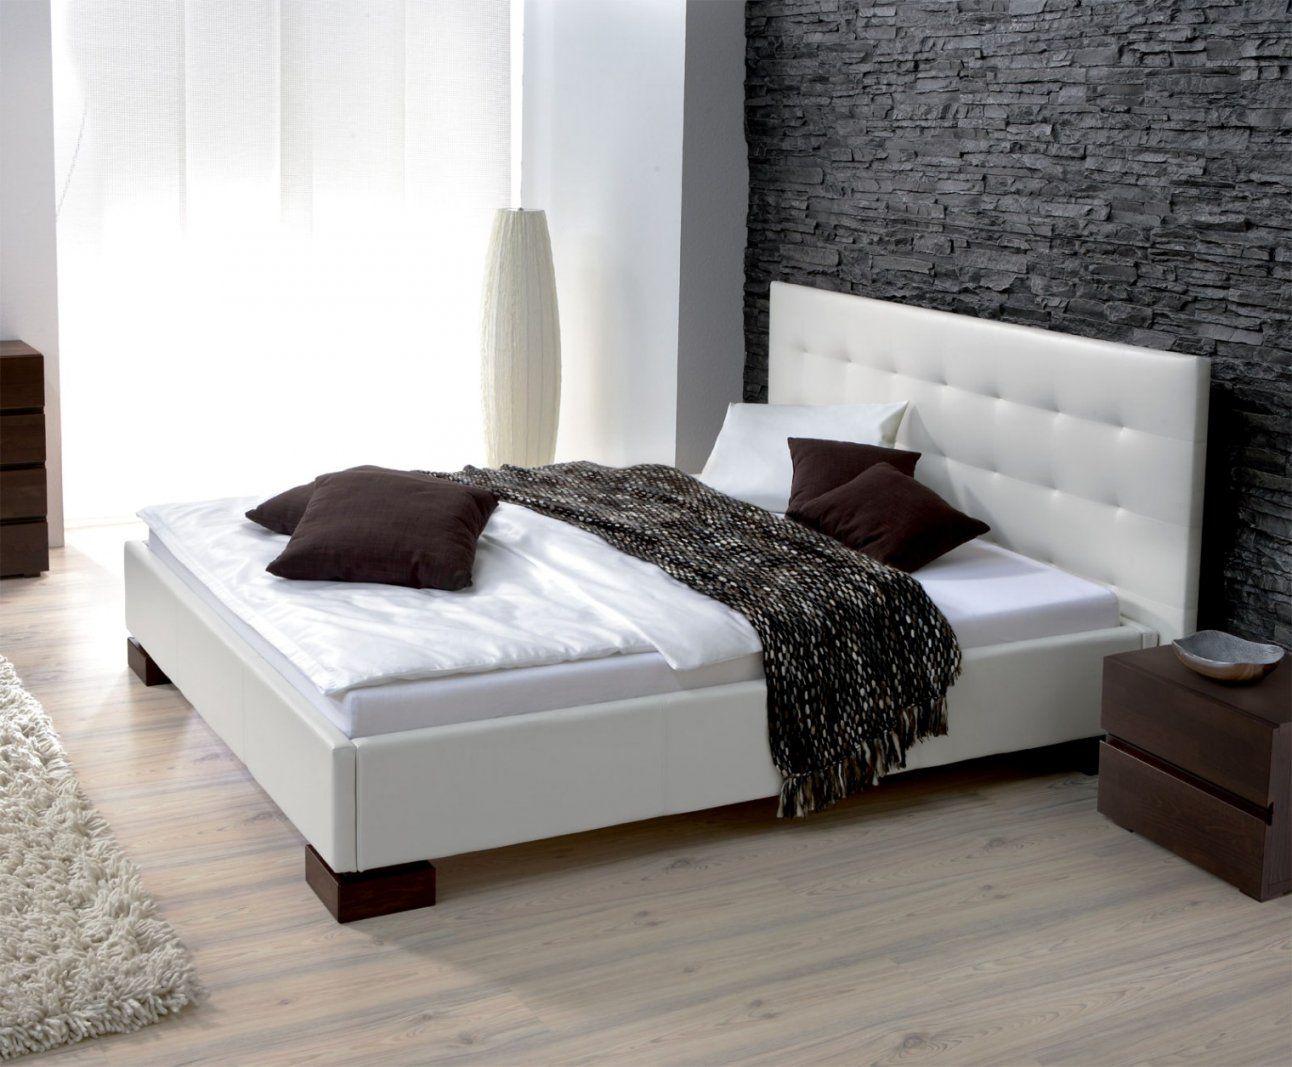 Betten Auf Raten Top Antheo Soft Arve Zirben Bett With Betten Auf von Bett Auf Raten Kaufen Trotz Schufa Bild